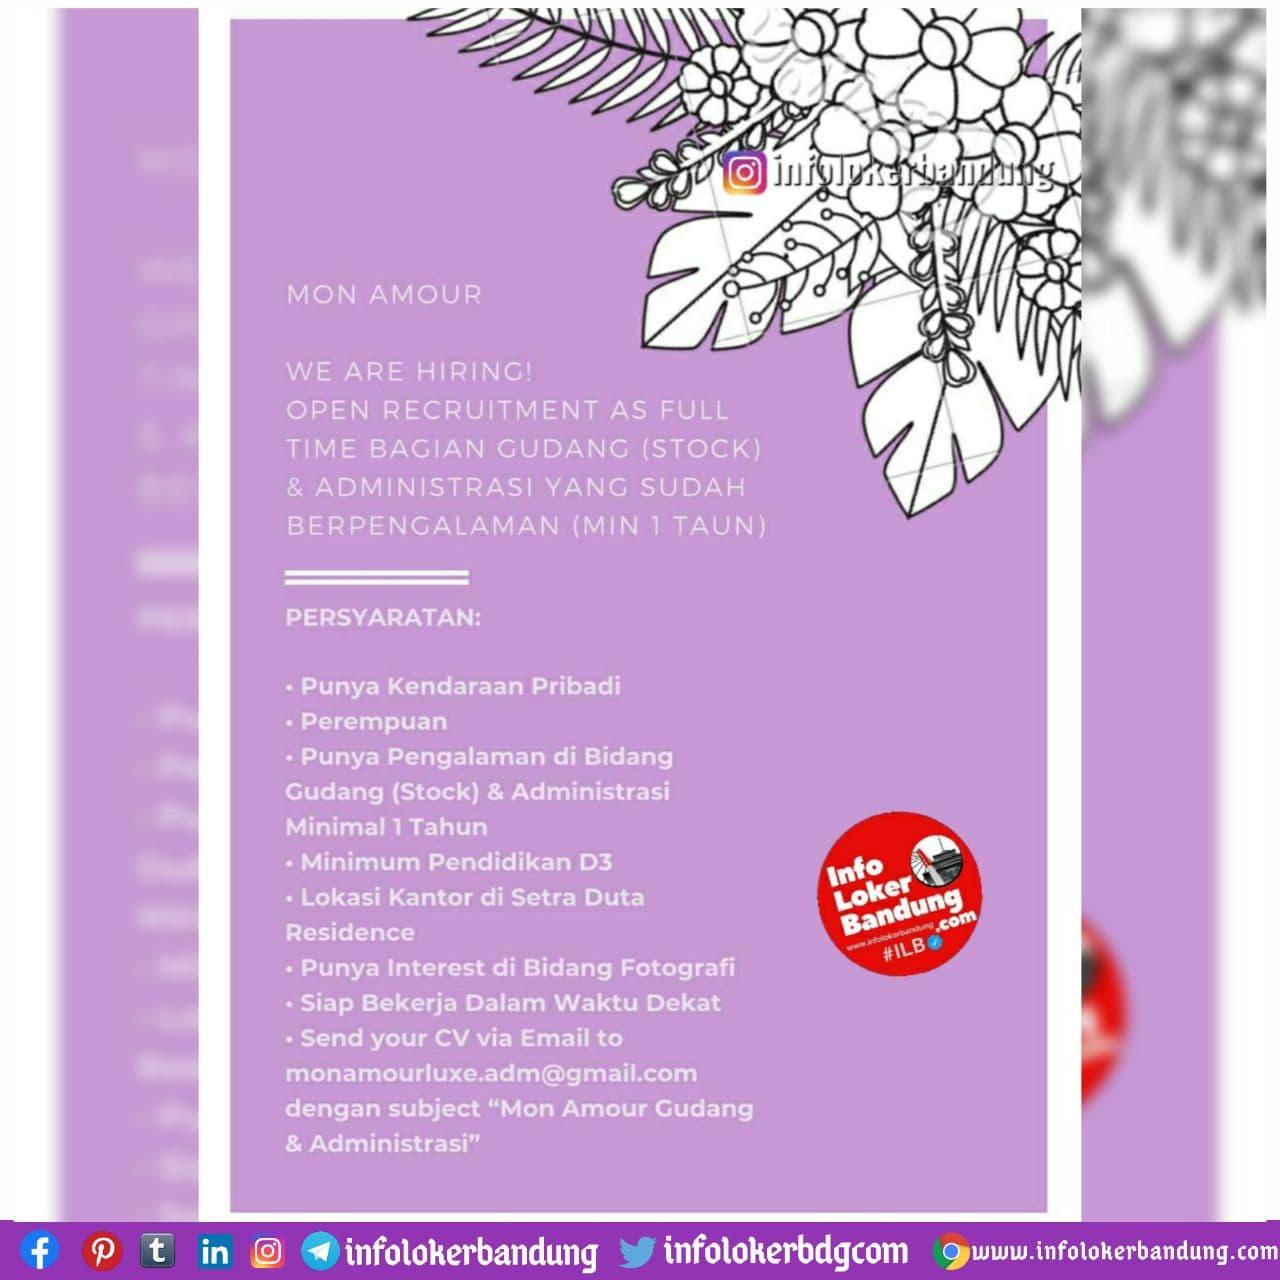 Lowongan Kerja Bagian Gudang ( Stock ) & Administrasi Mon A Mour Bandung November 2020